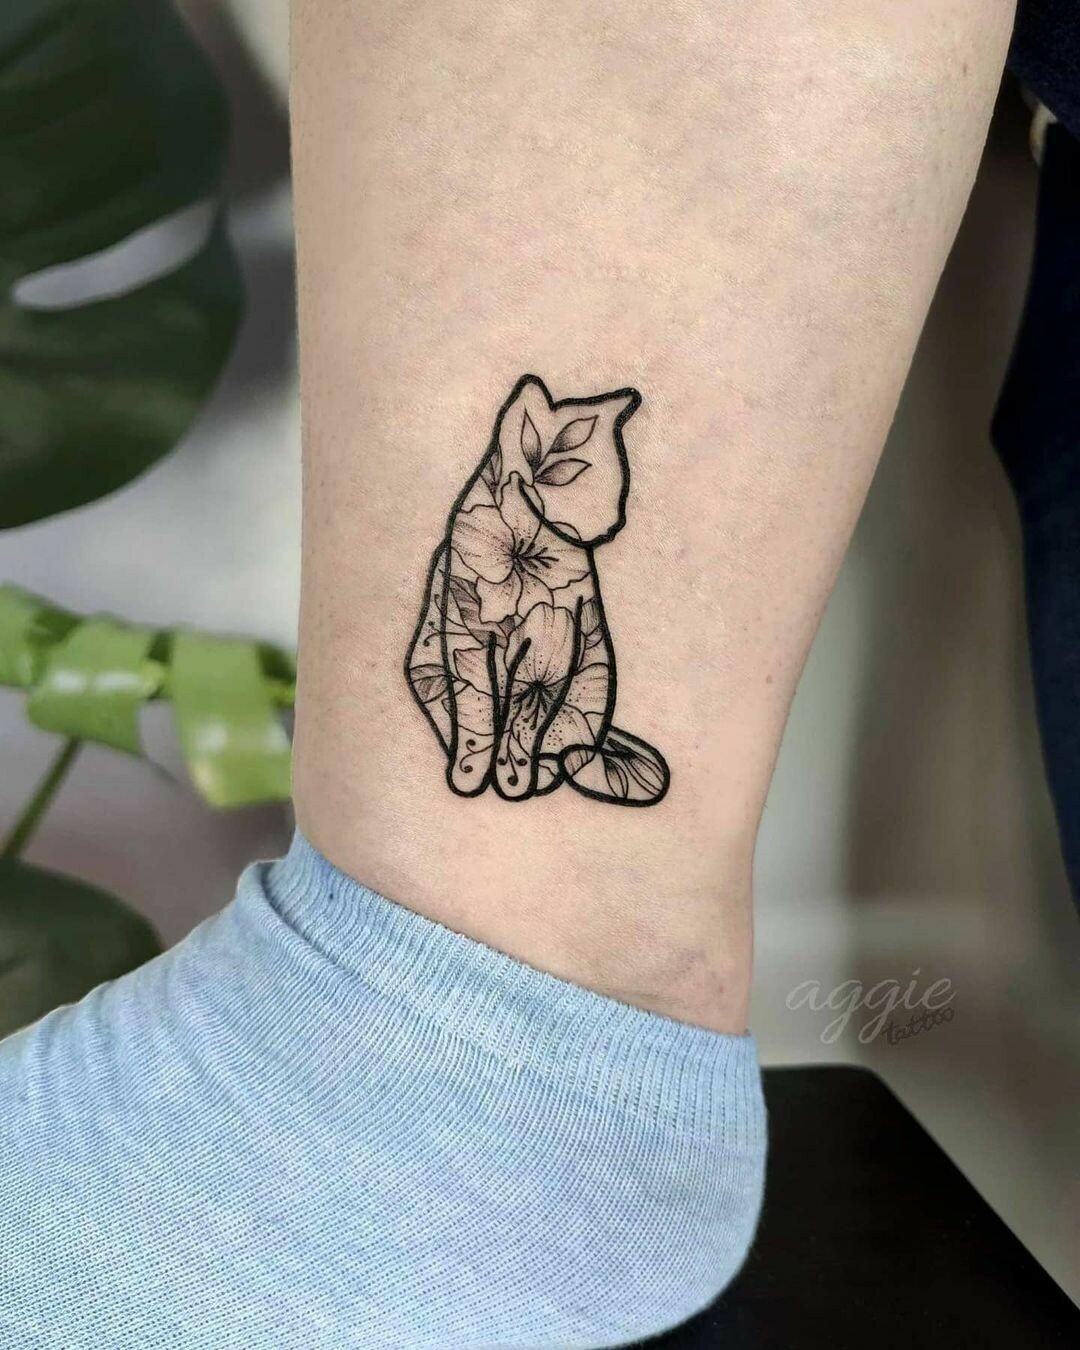 Inksearch tattoo aggie.tattoo